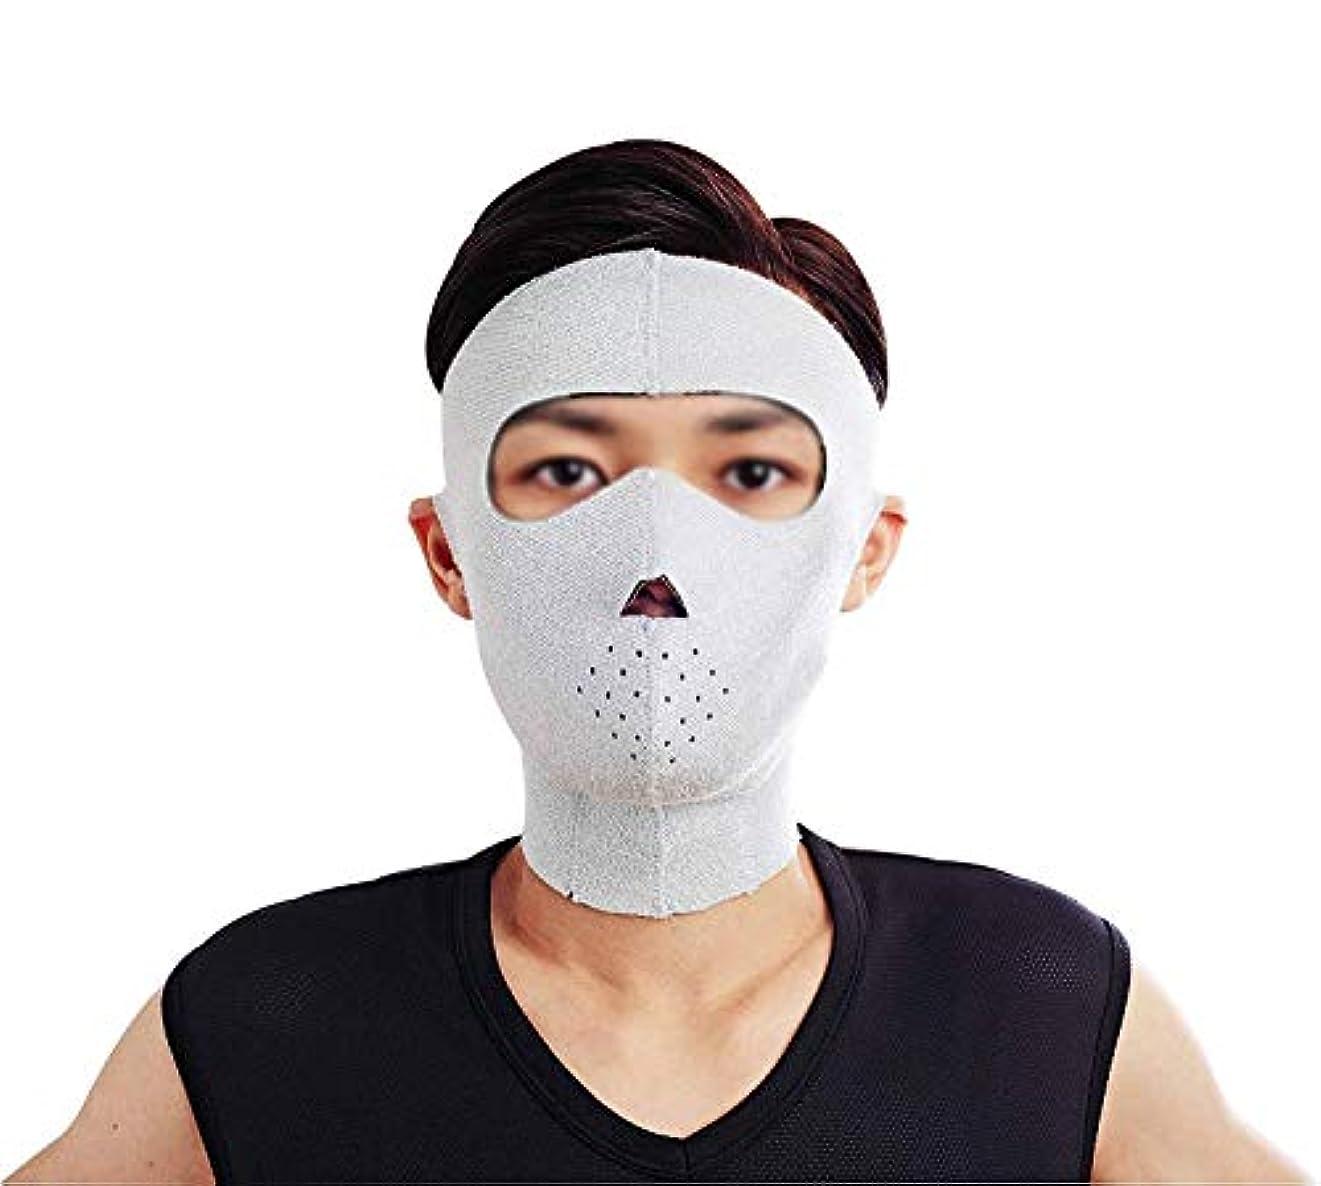 を必要としています仕事に行くスピーチフェイスリフトマスク、フェイシャルマスクプラス薄いフェイスマスクタイトなたるみの薄いフェイスマスクフェイシャル薄いフェイスマスクアーティファクトビューティー男性ネックストラップ付き